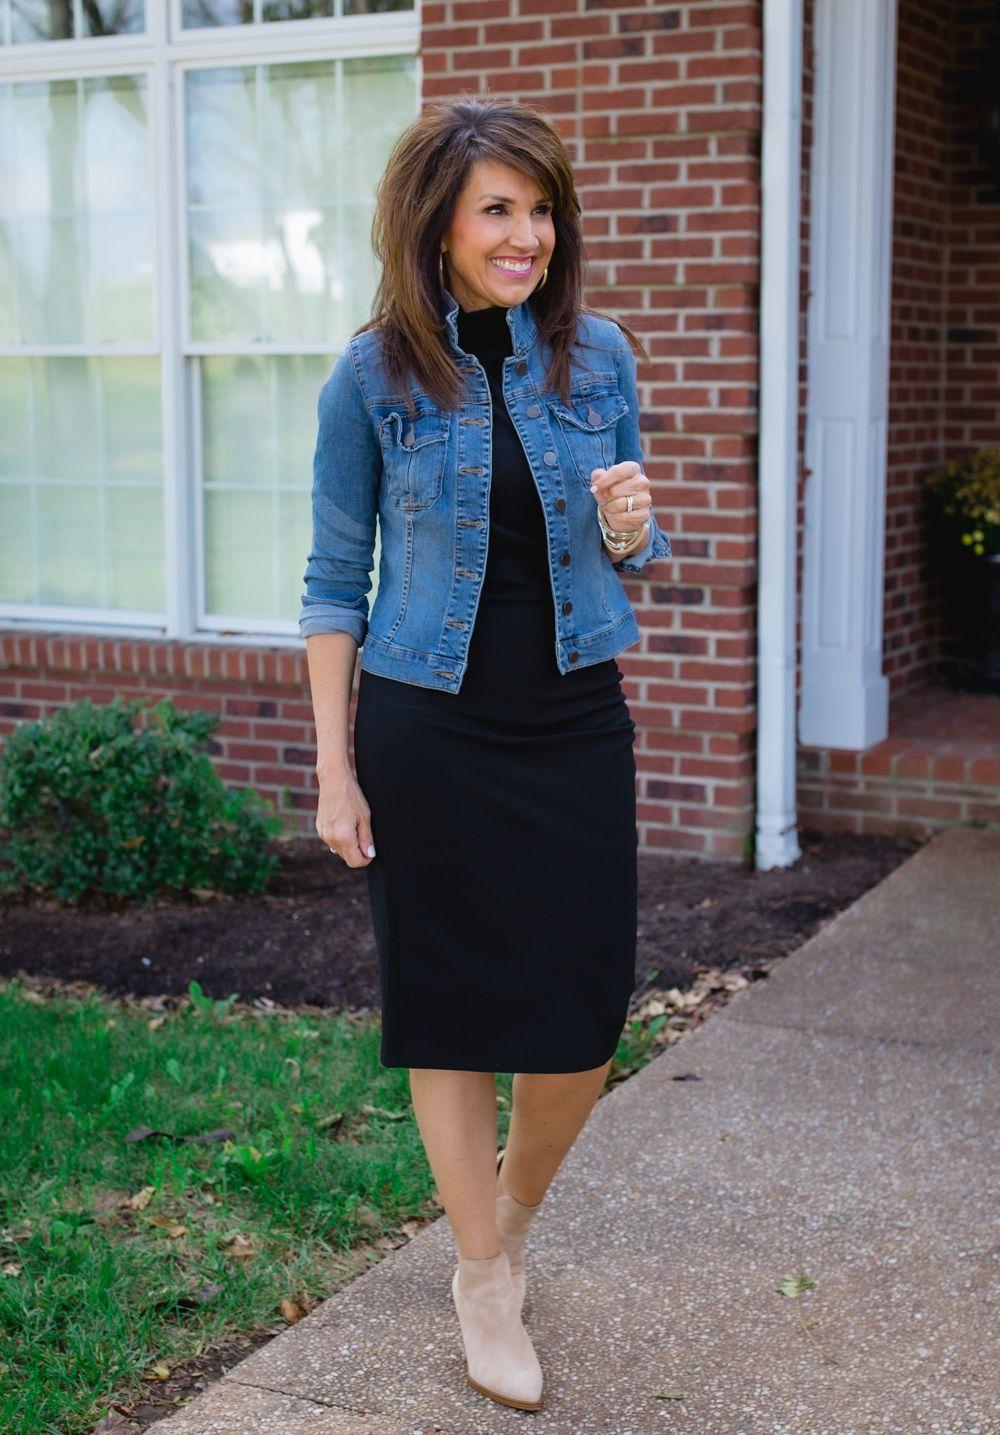 3 Ways To Wear A Black Midi Dress Cyndi Spivey Midi Dress Outfit Fall Fall Dress Outfit Black Dress Jacket [ 1435 x 1000 Pixel ]